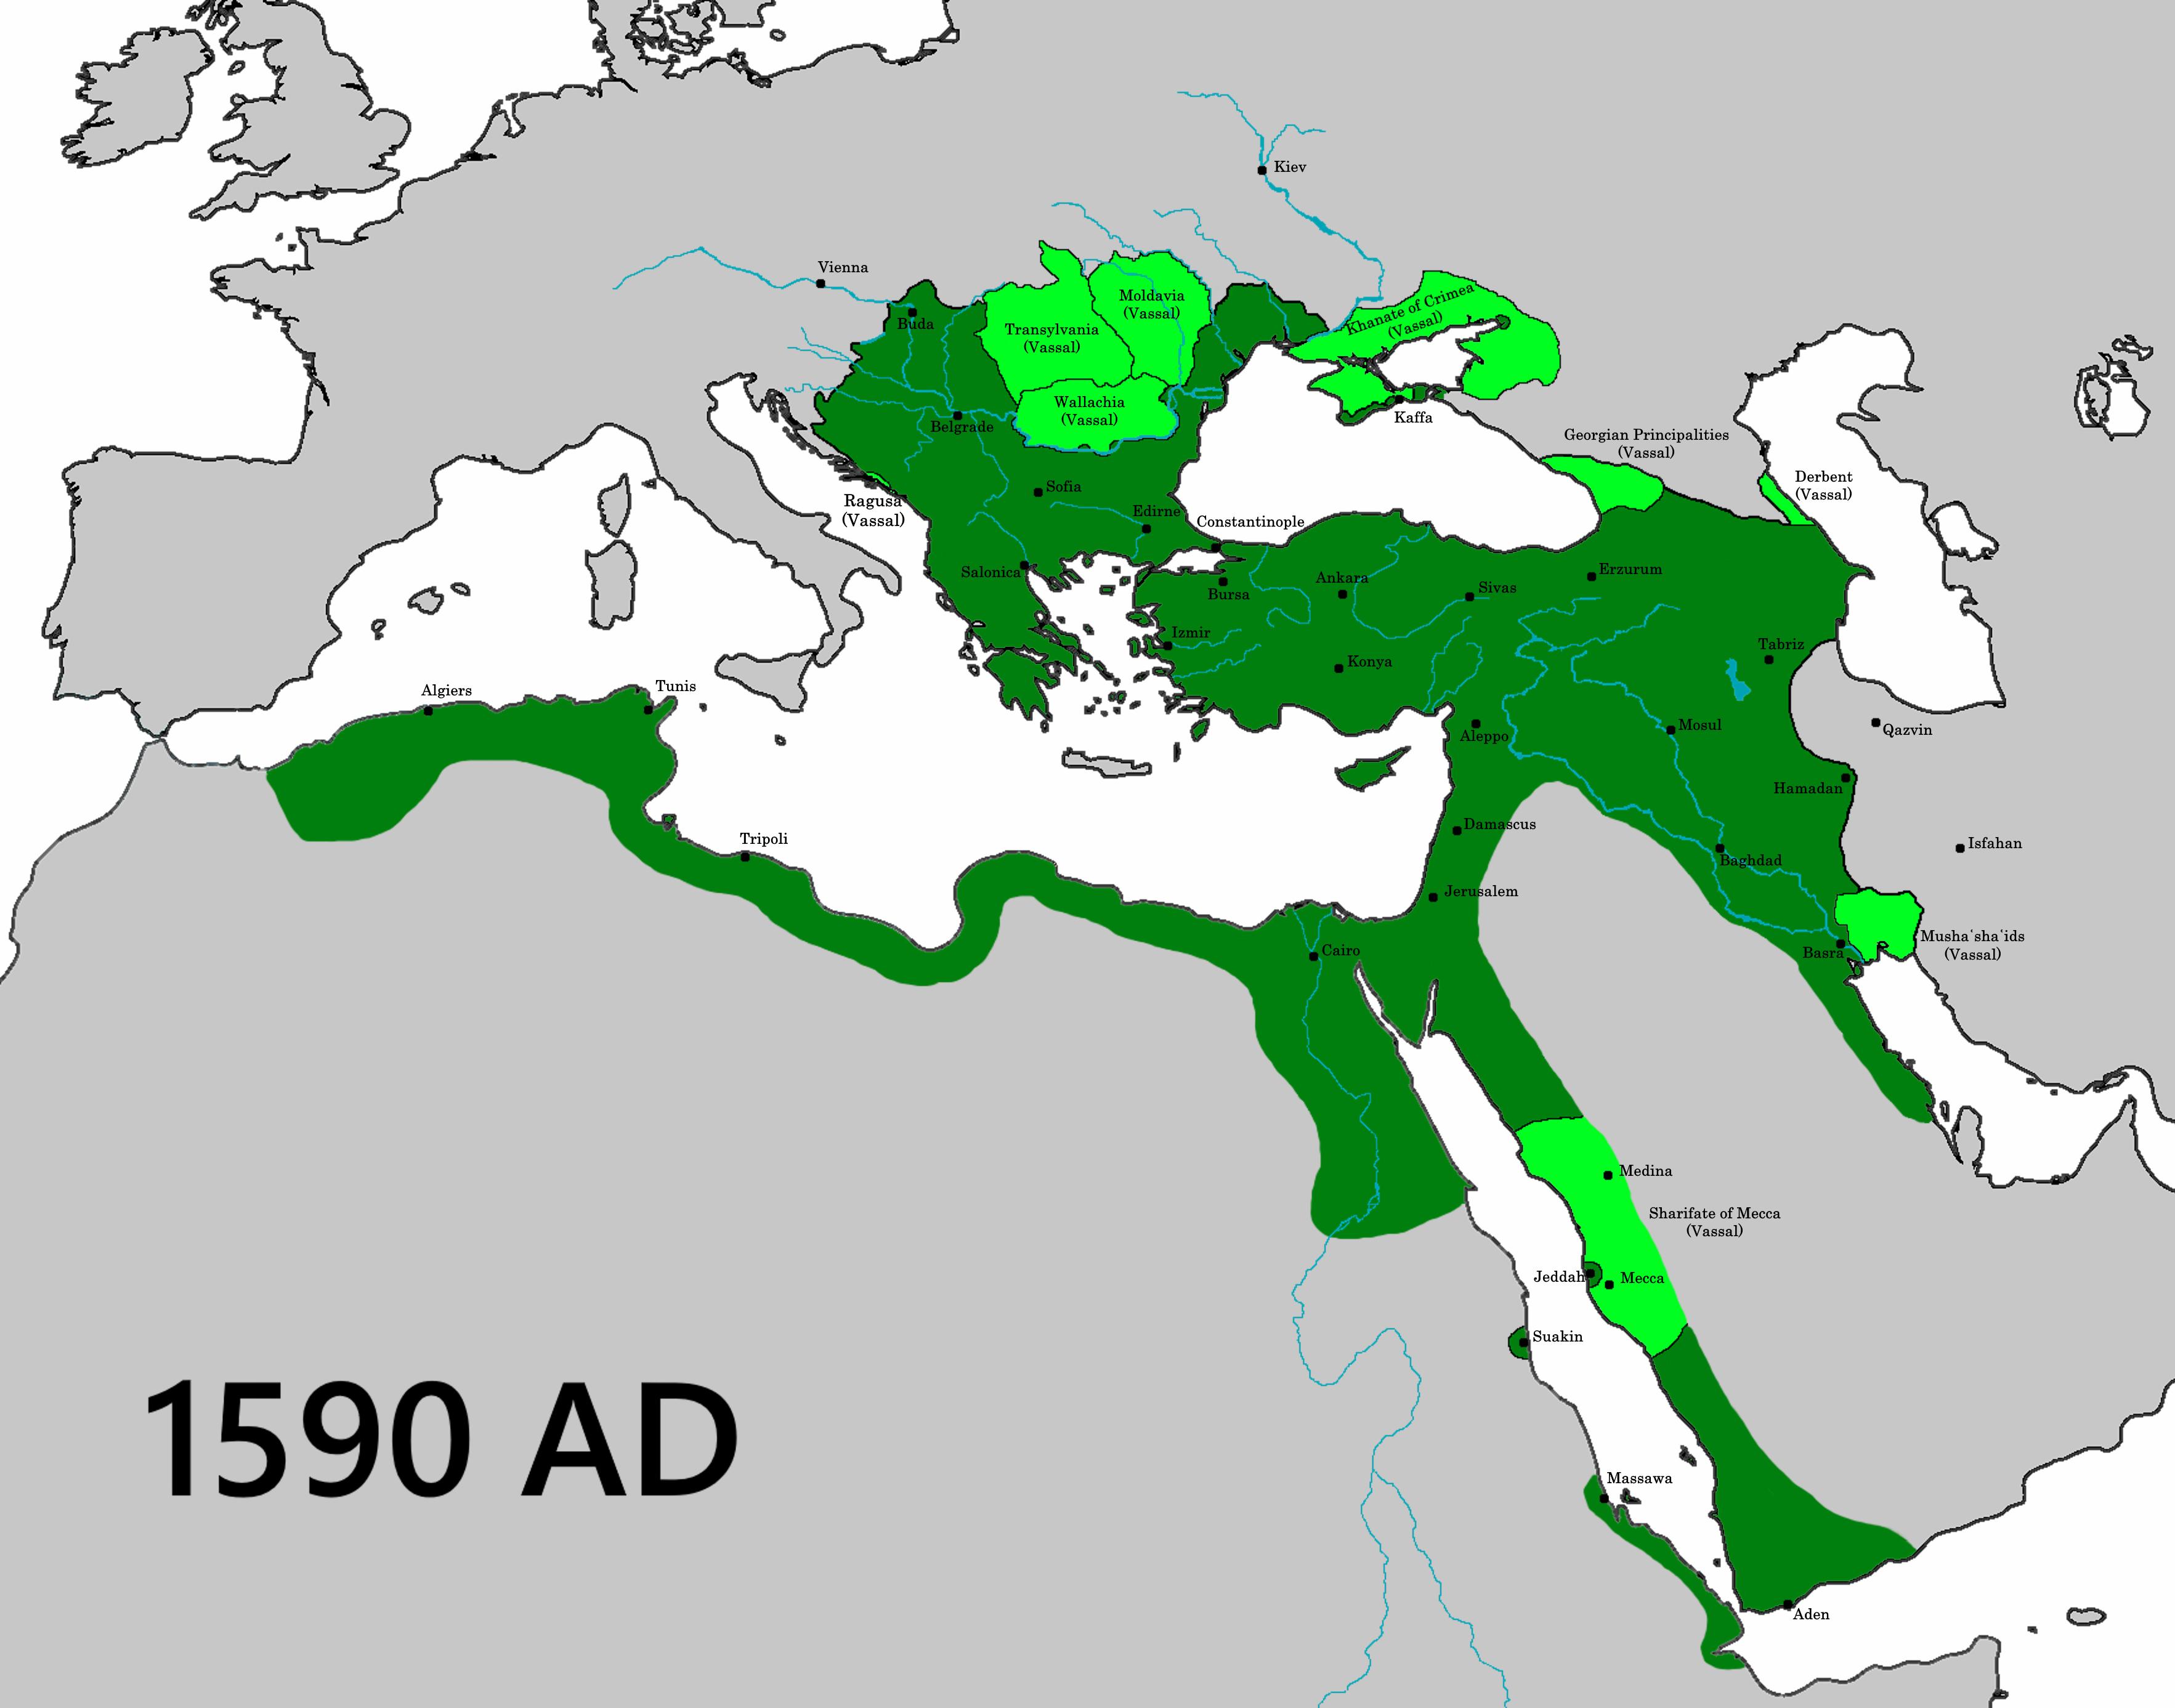 High Resolution Wallpaper | Ottoman Empire 3531x2773 px